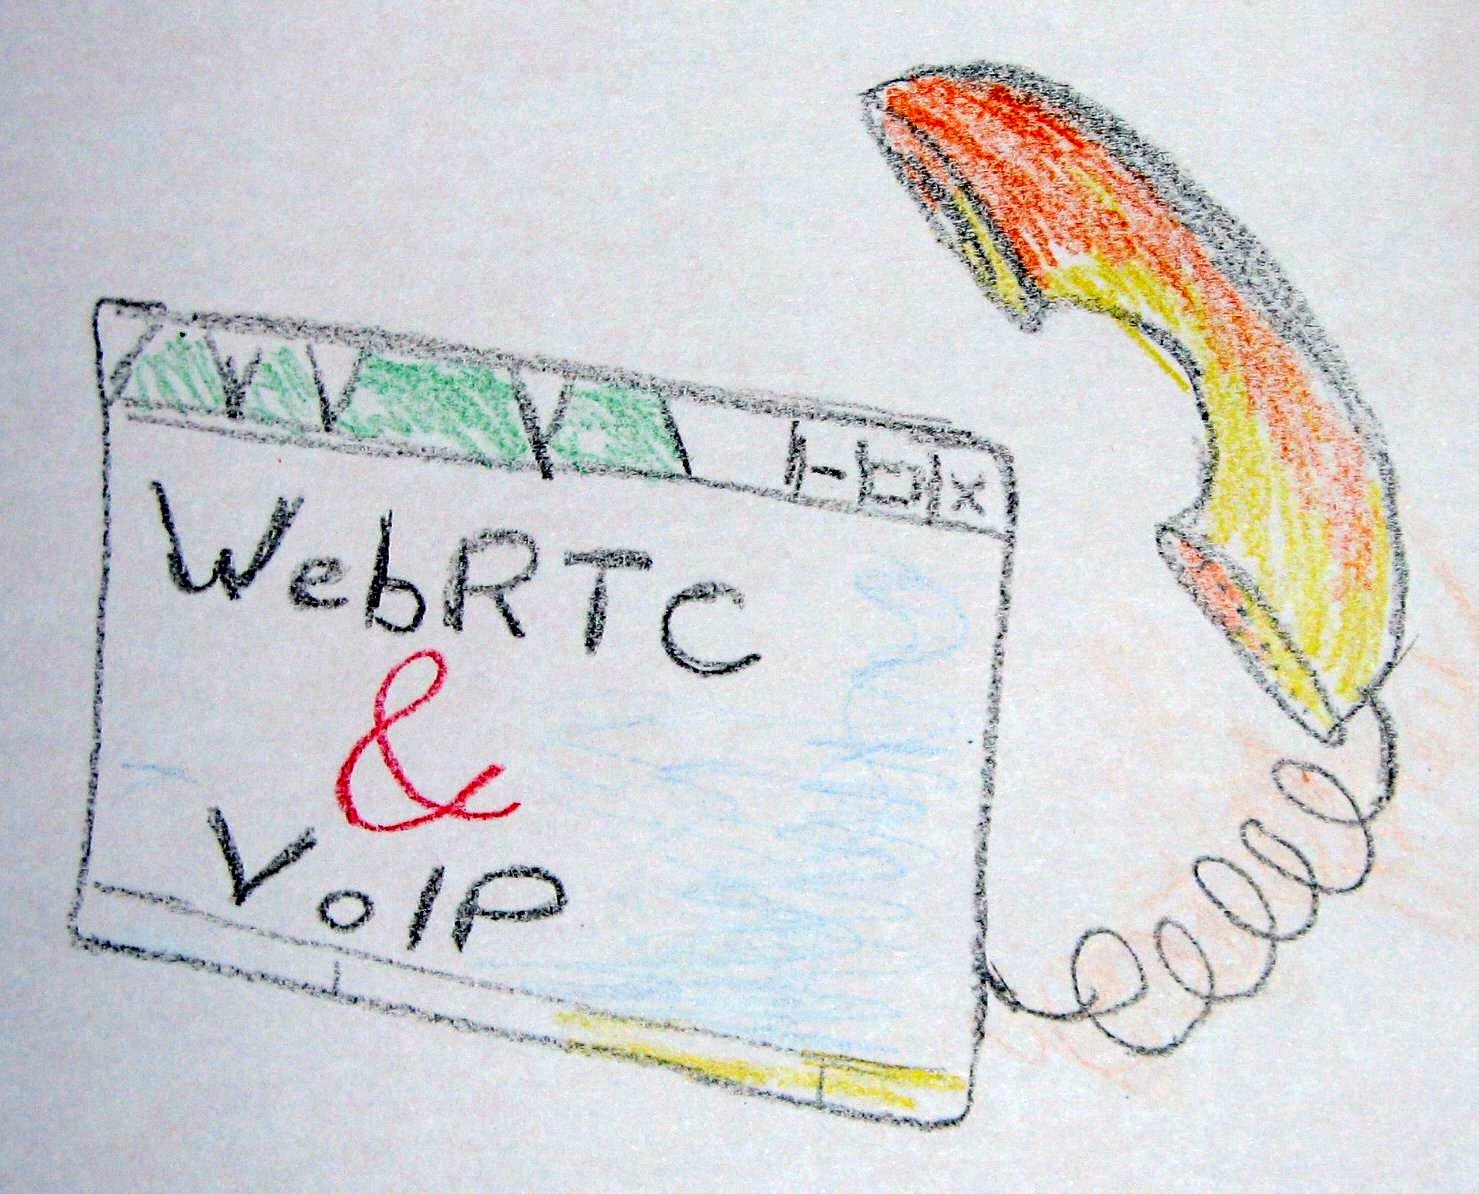 Asterisk con Websockets para WebRTC y probando SIPML5